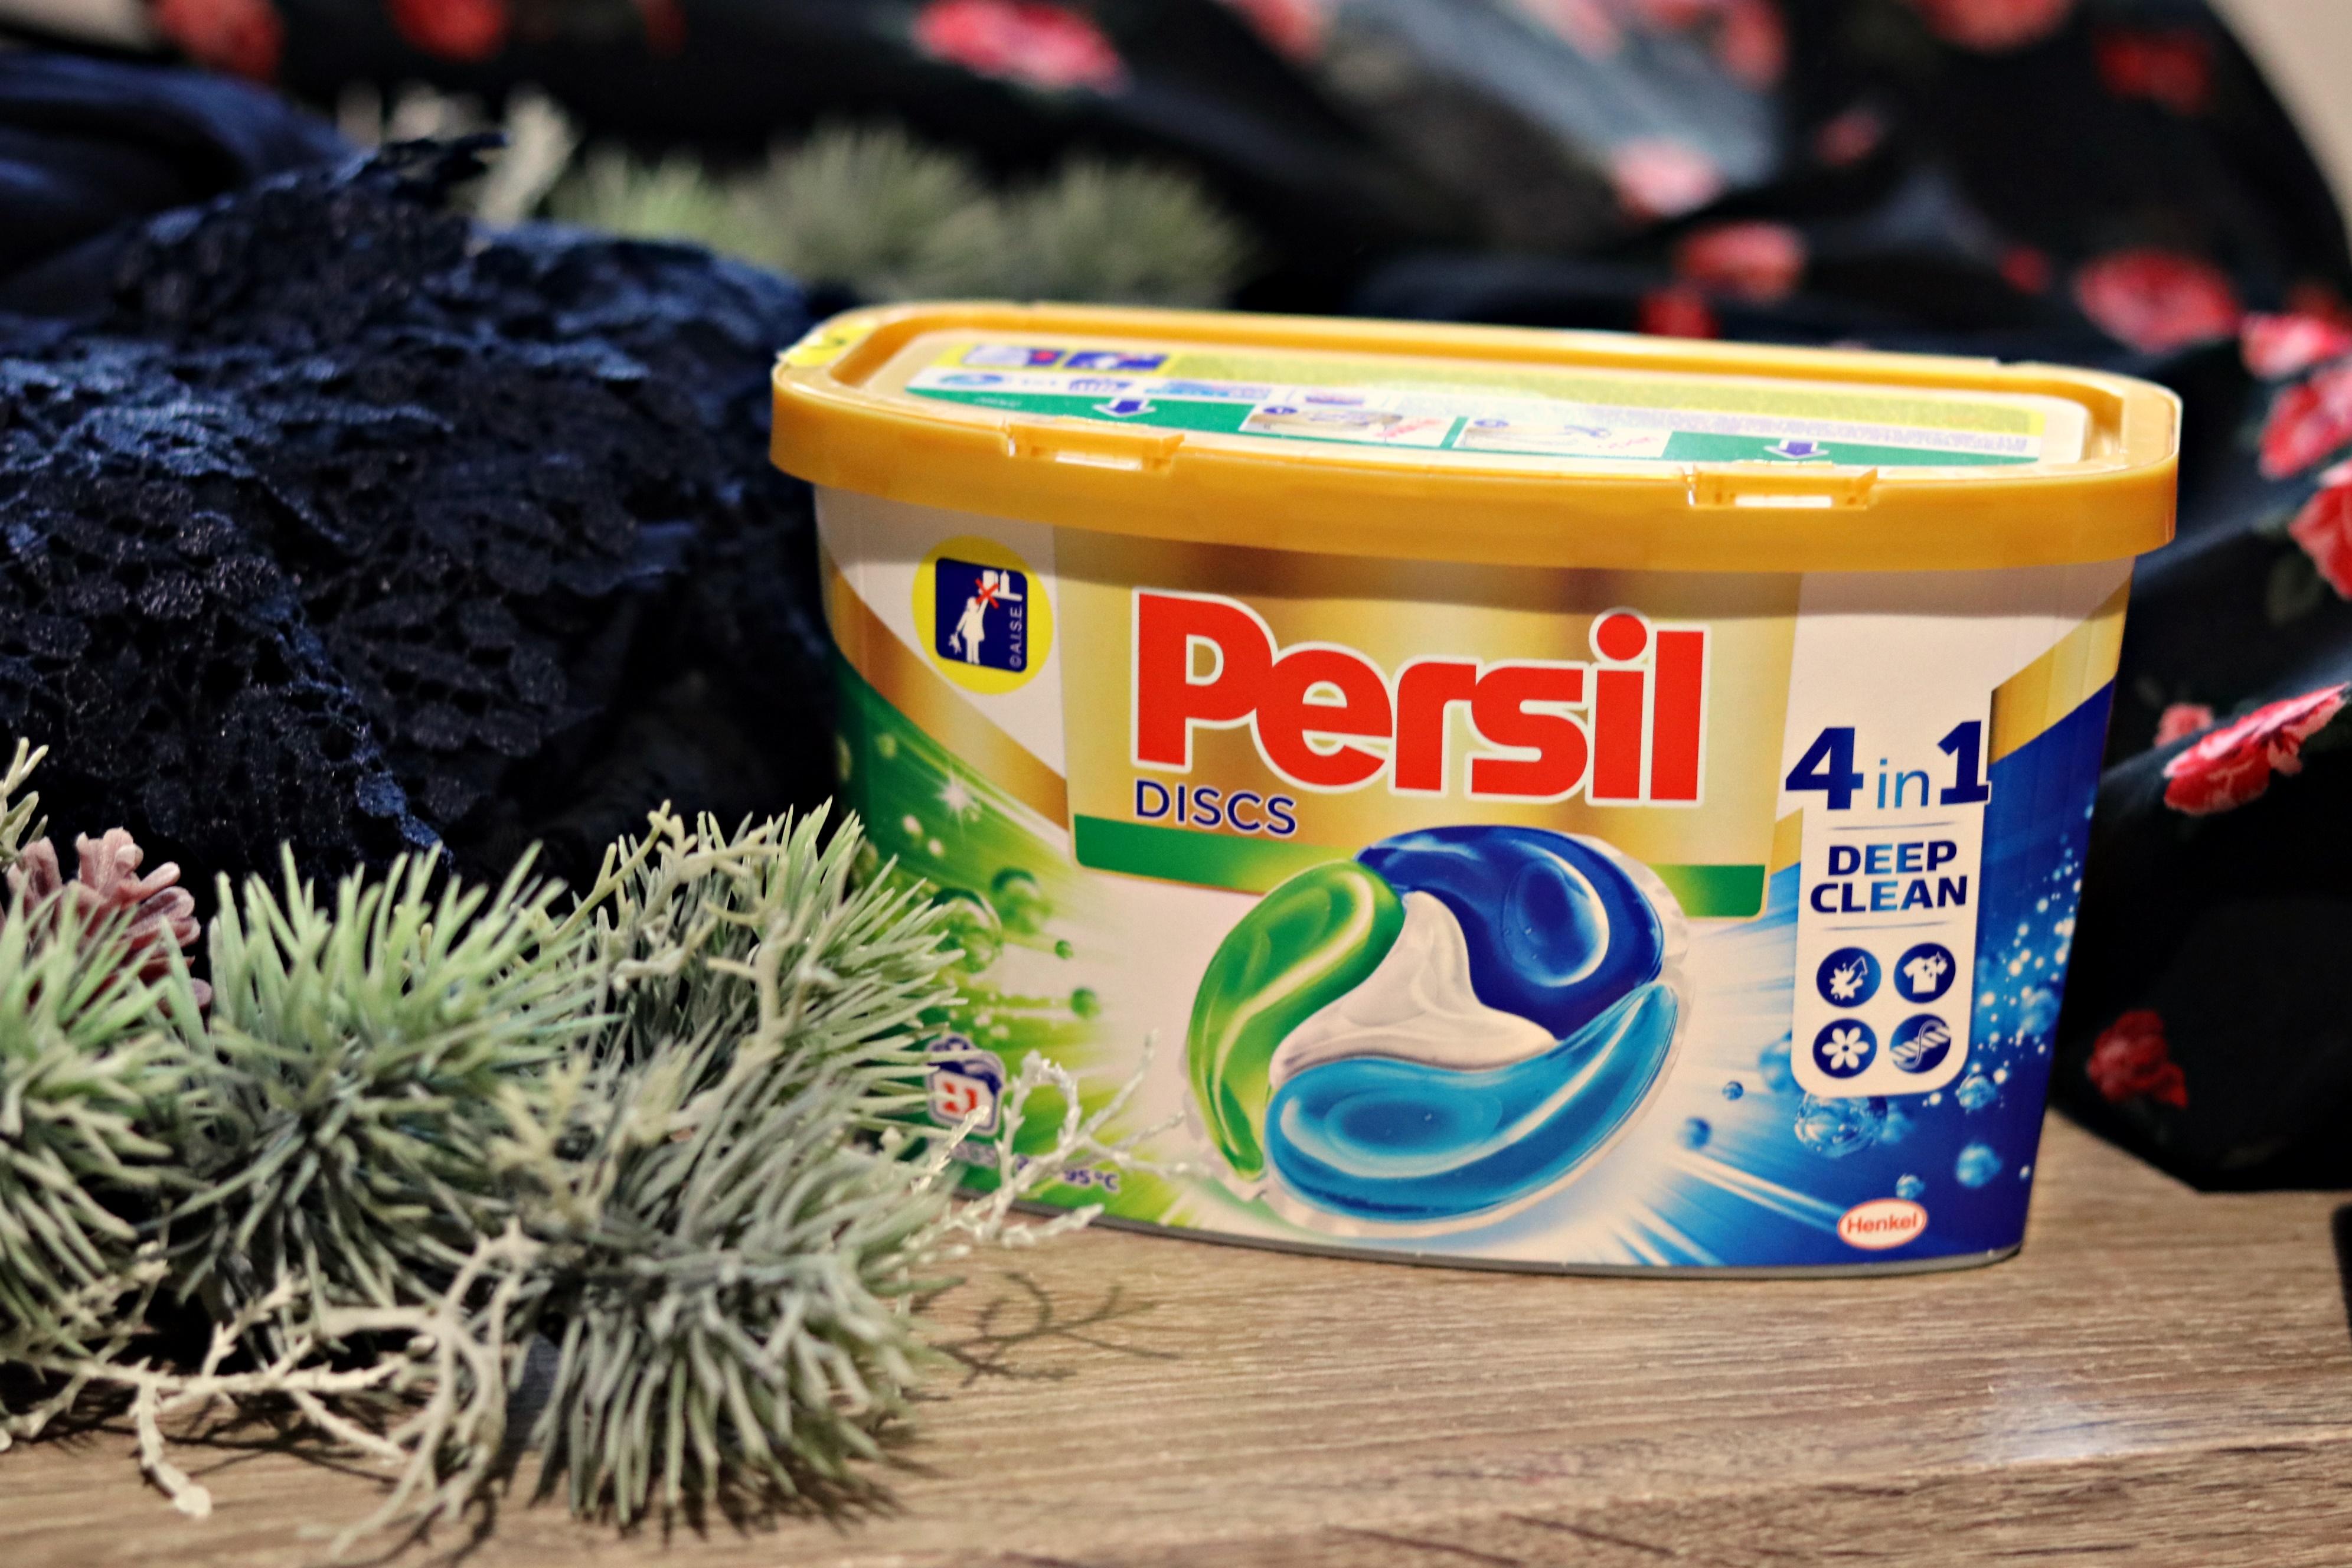 persil detergent capsule